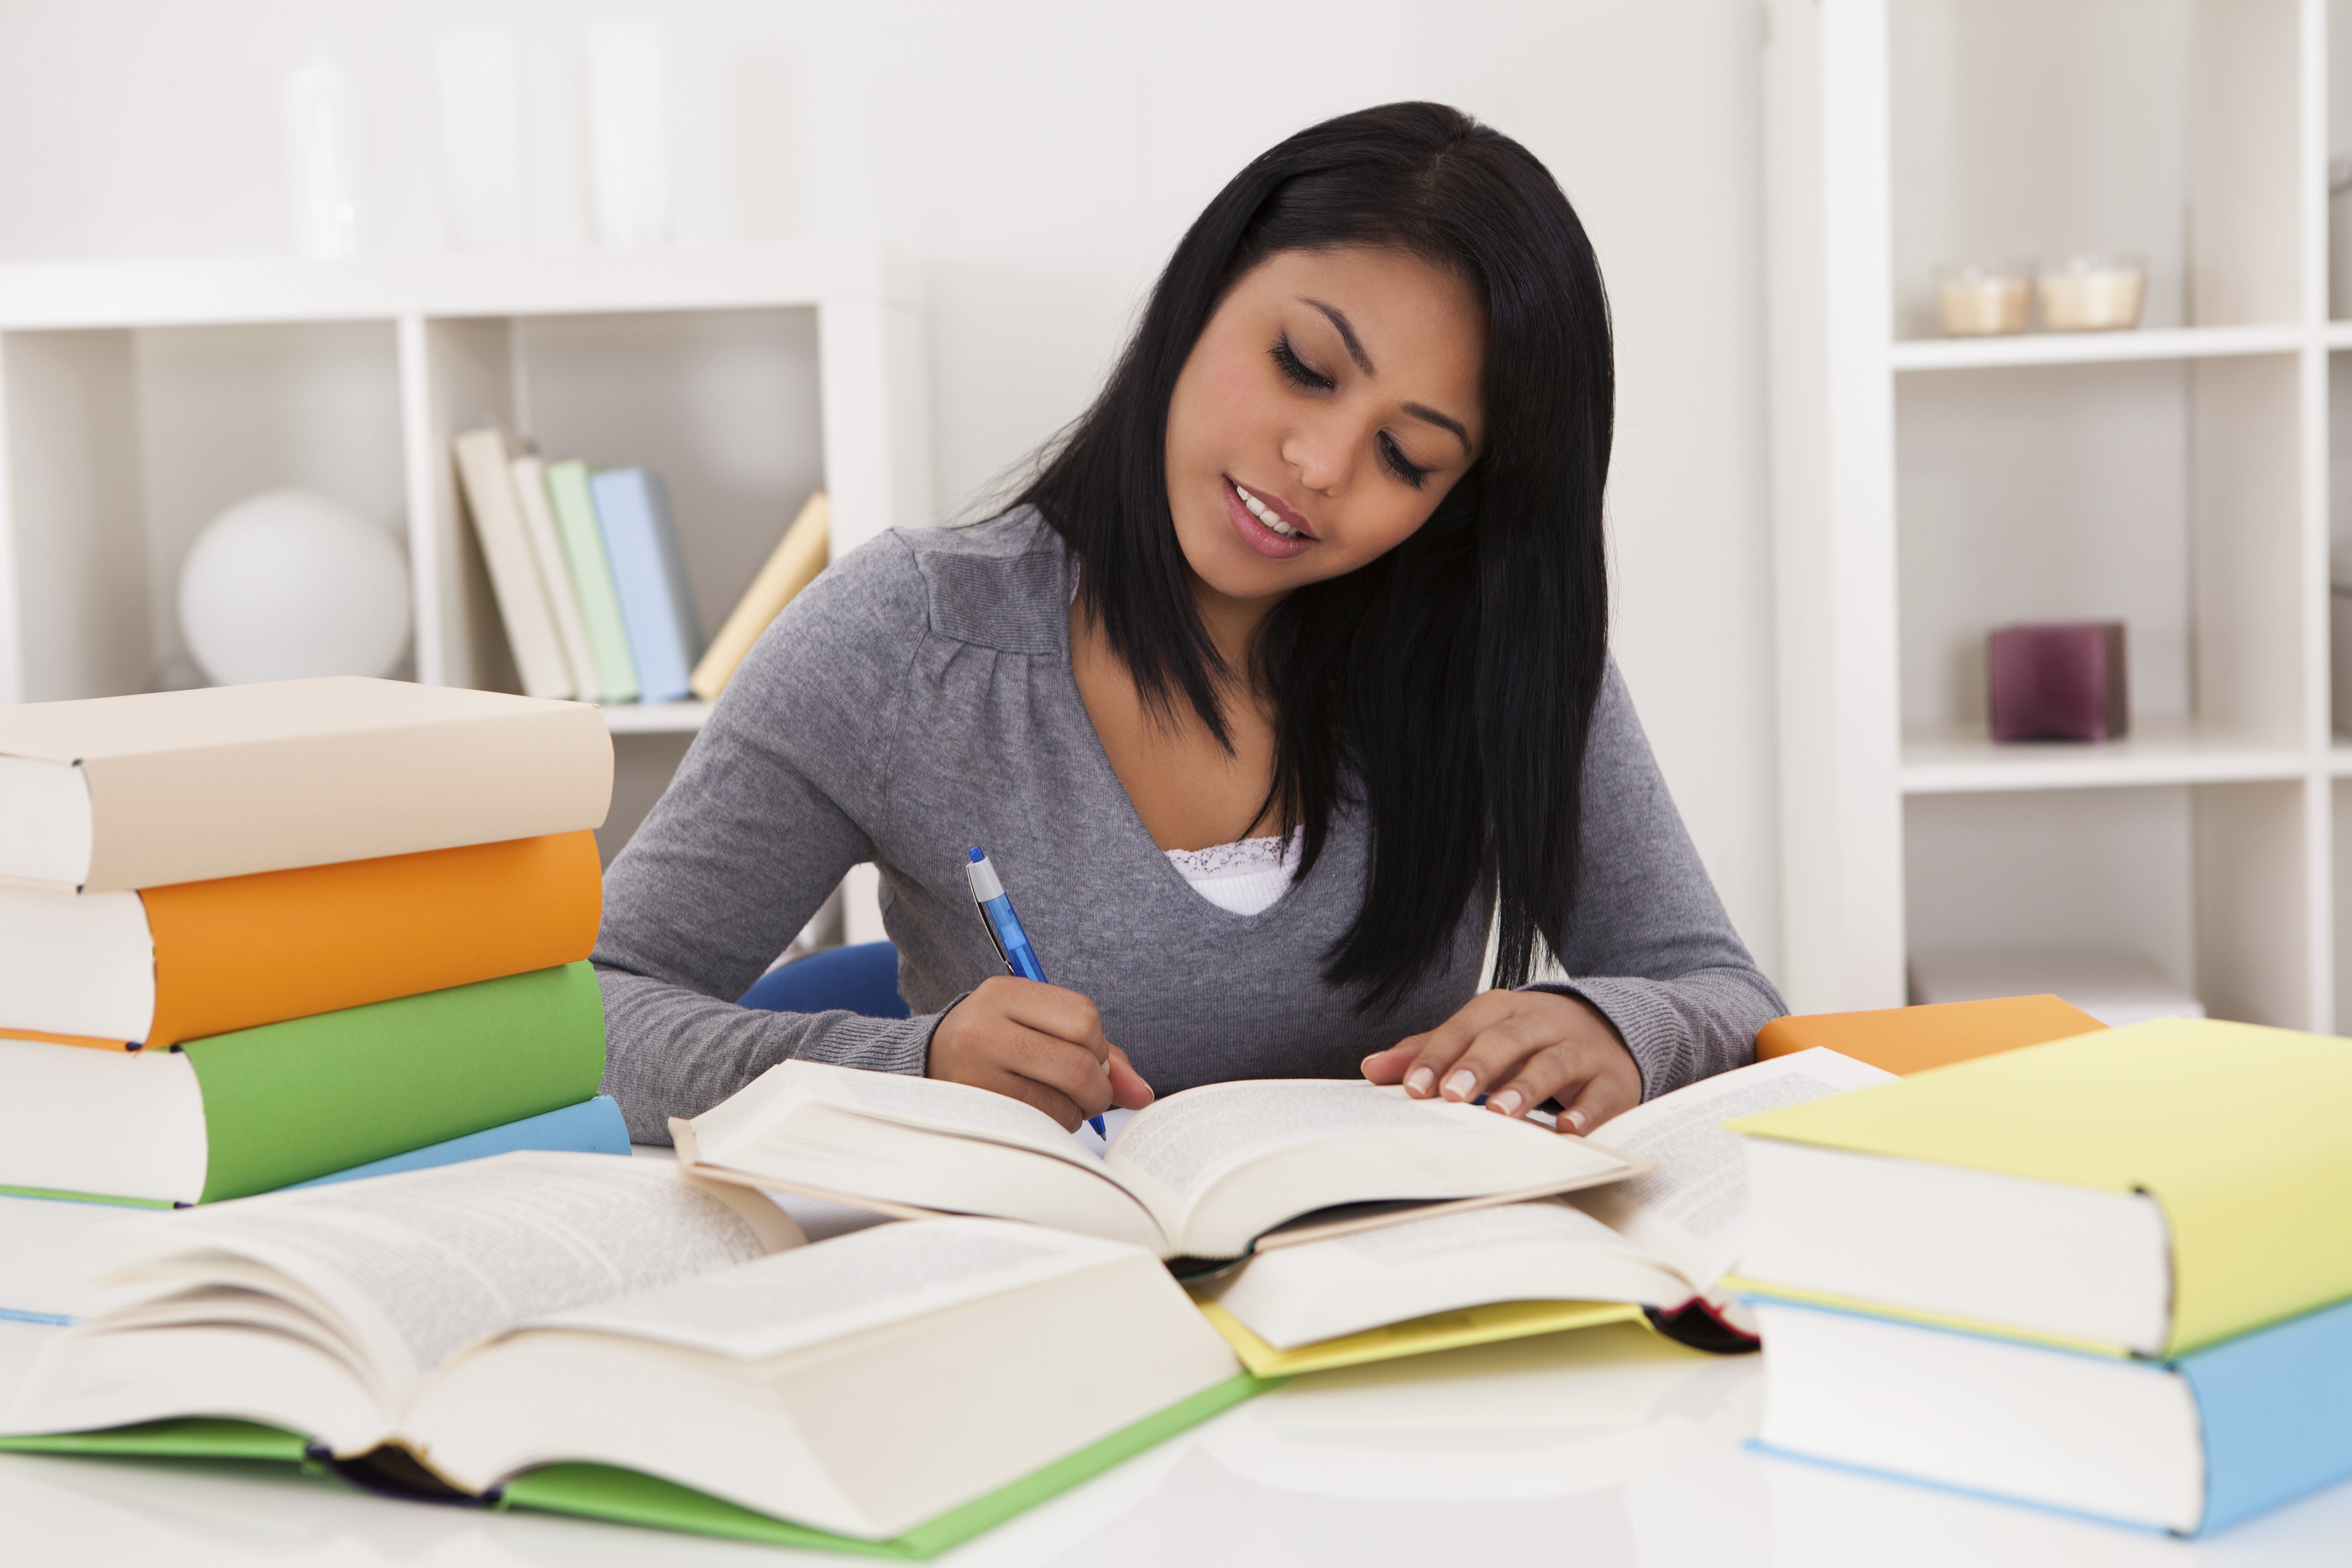 Buy college essays online on OnlineCollegeEssay.com